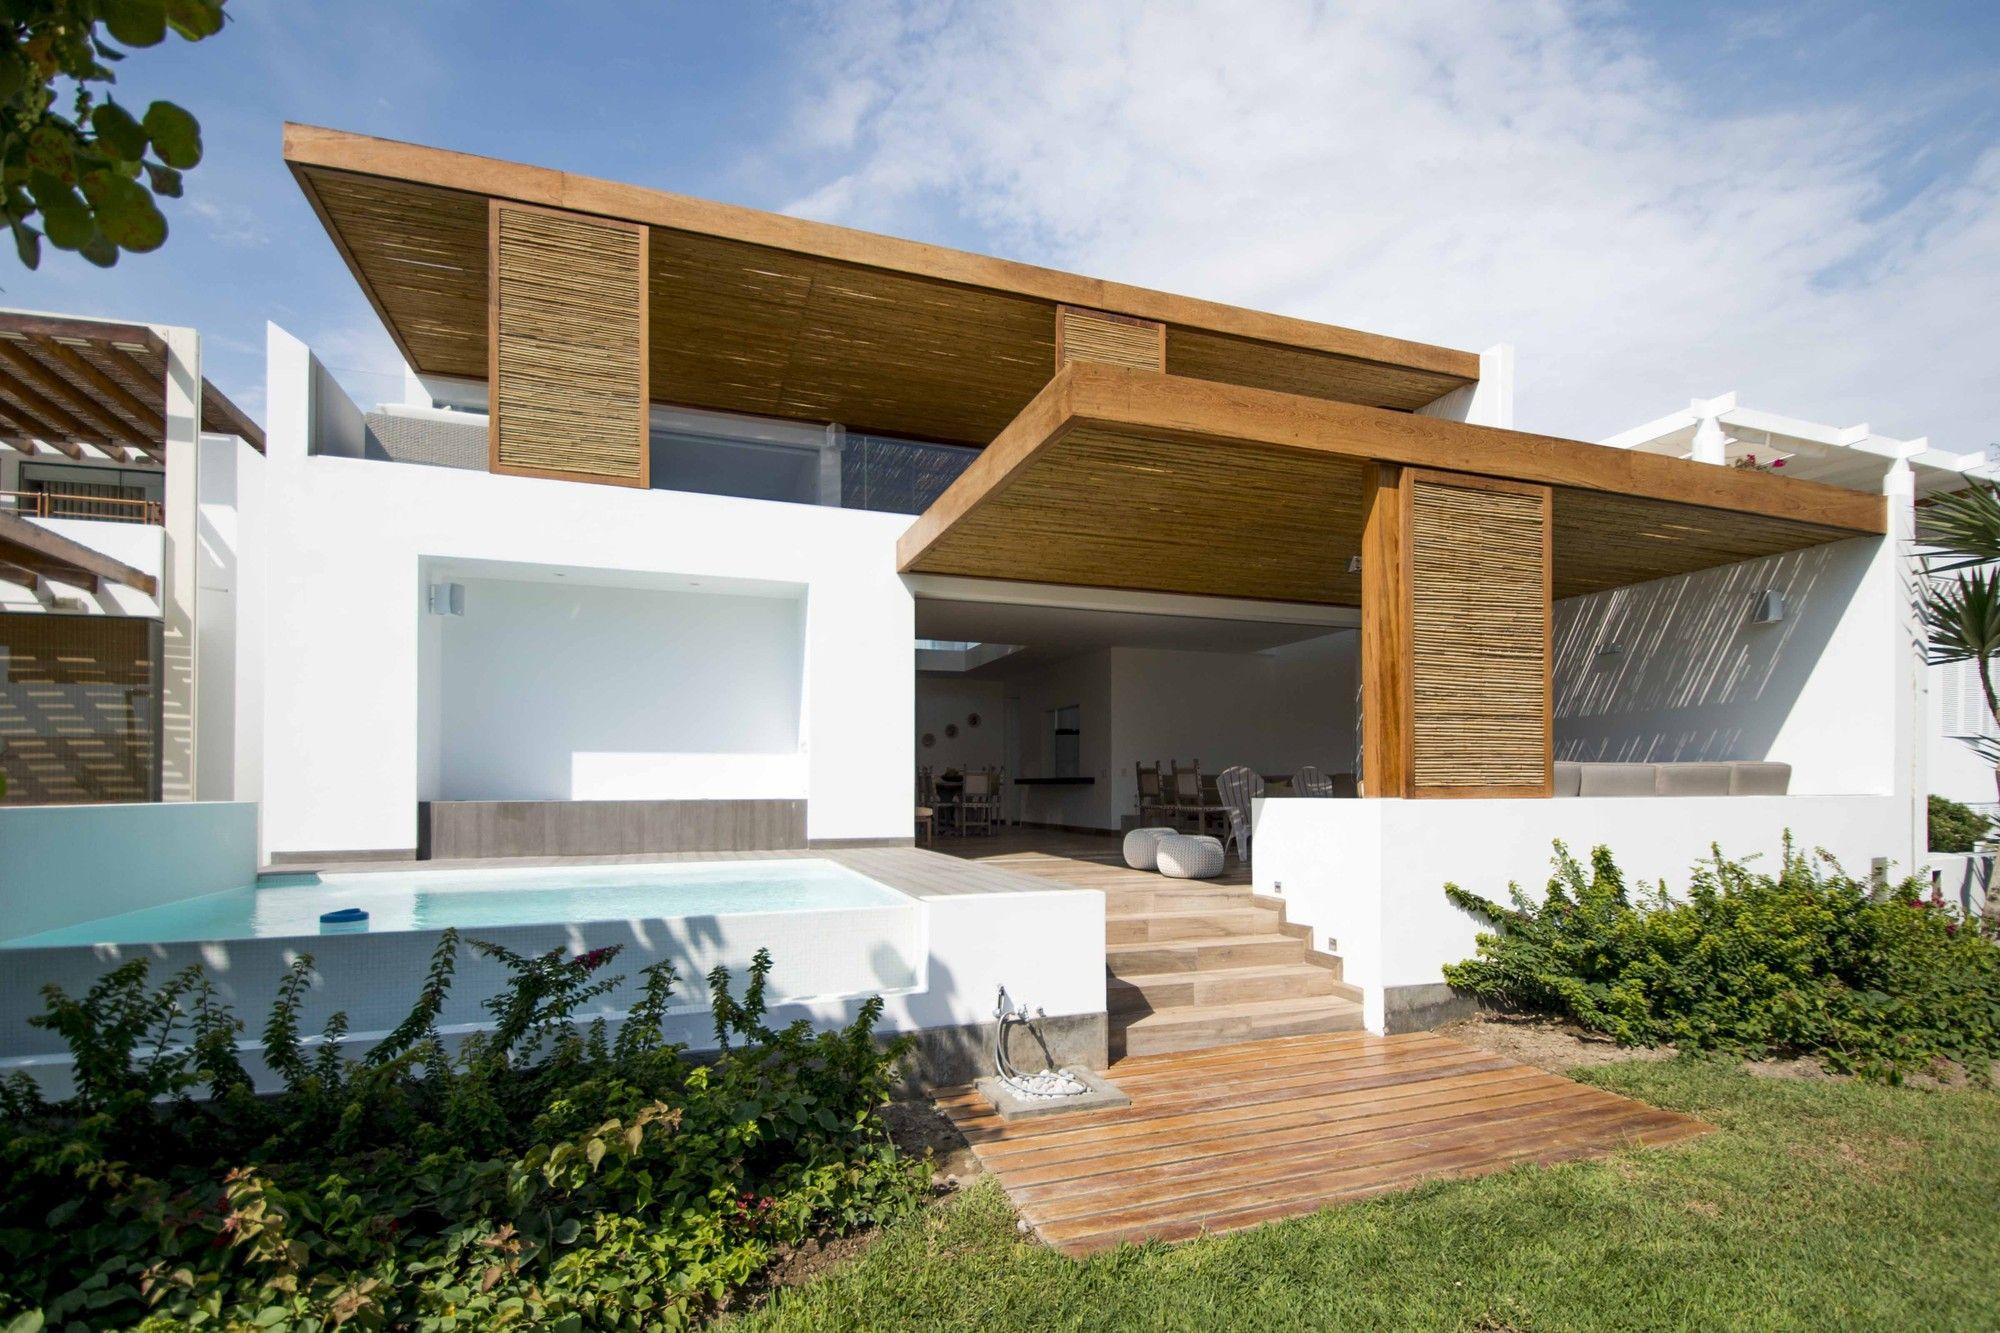 Imagen 3 de 23 de la galería de La casa Panda / DA-LAB Arquitectos. Fotografía de Renzo Rebagliati